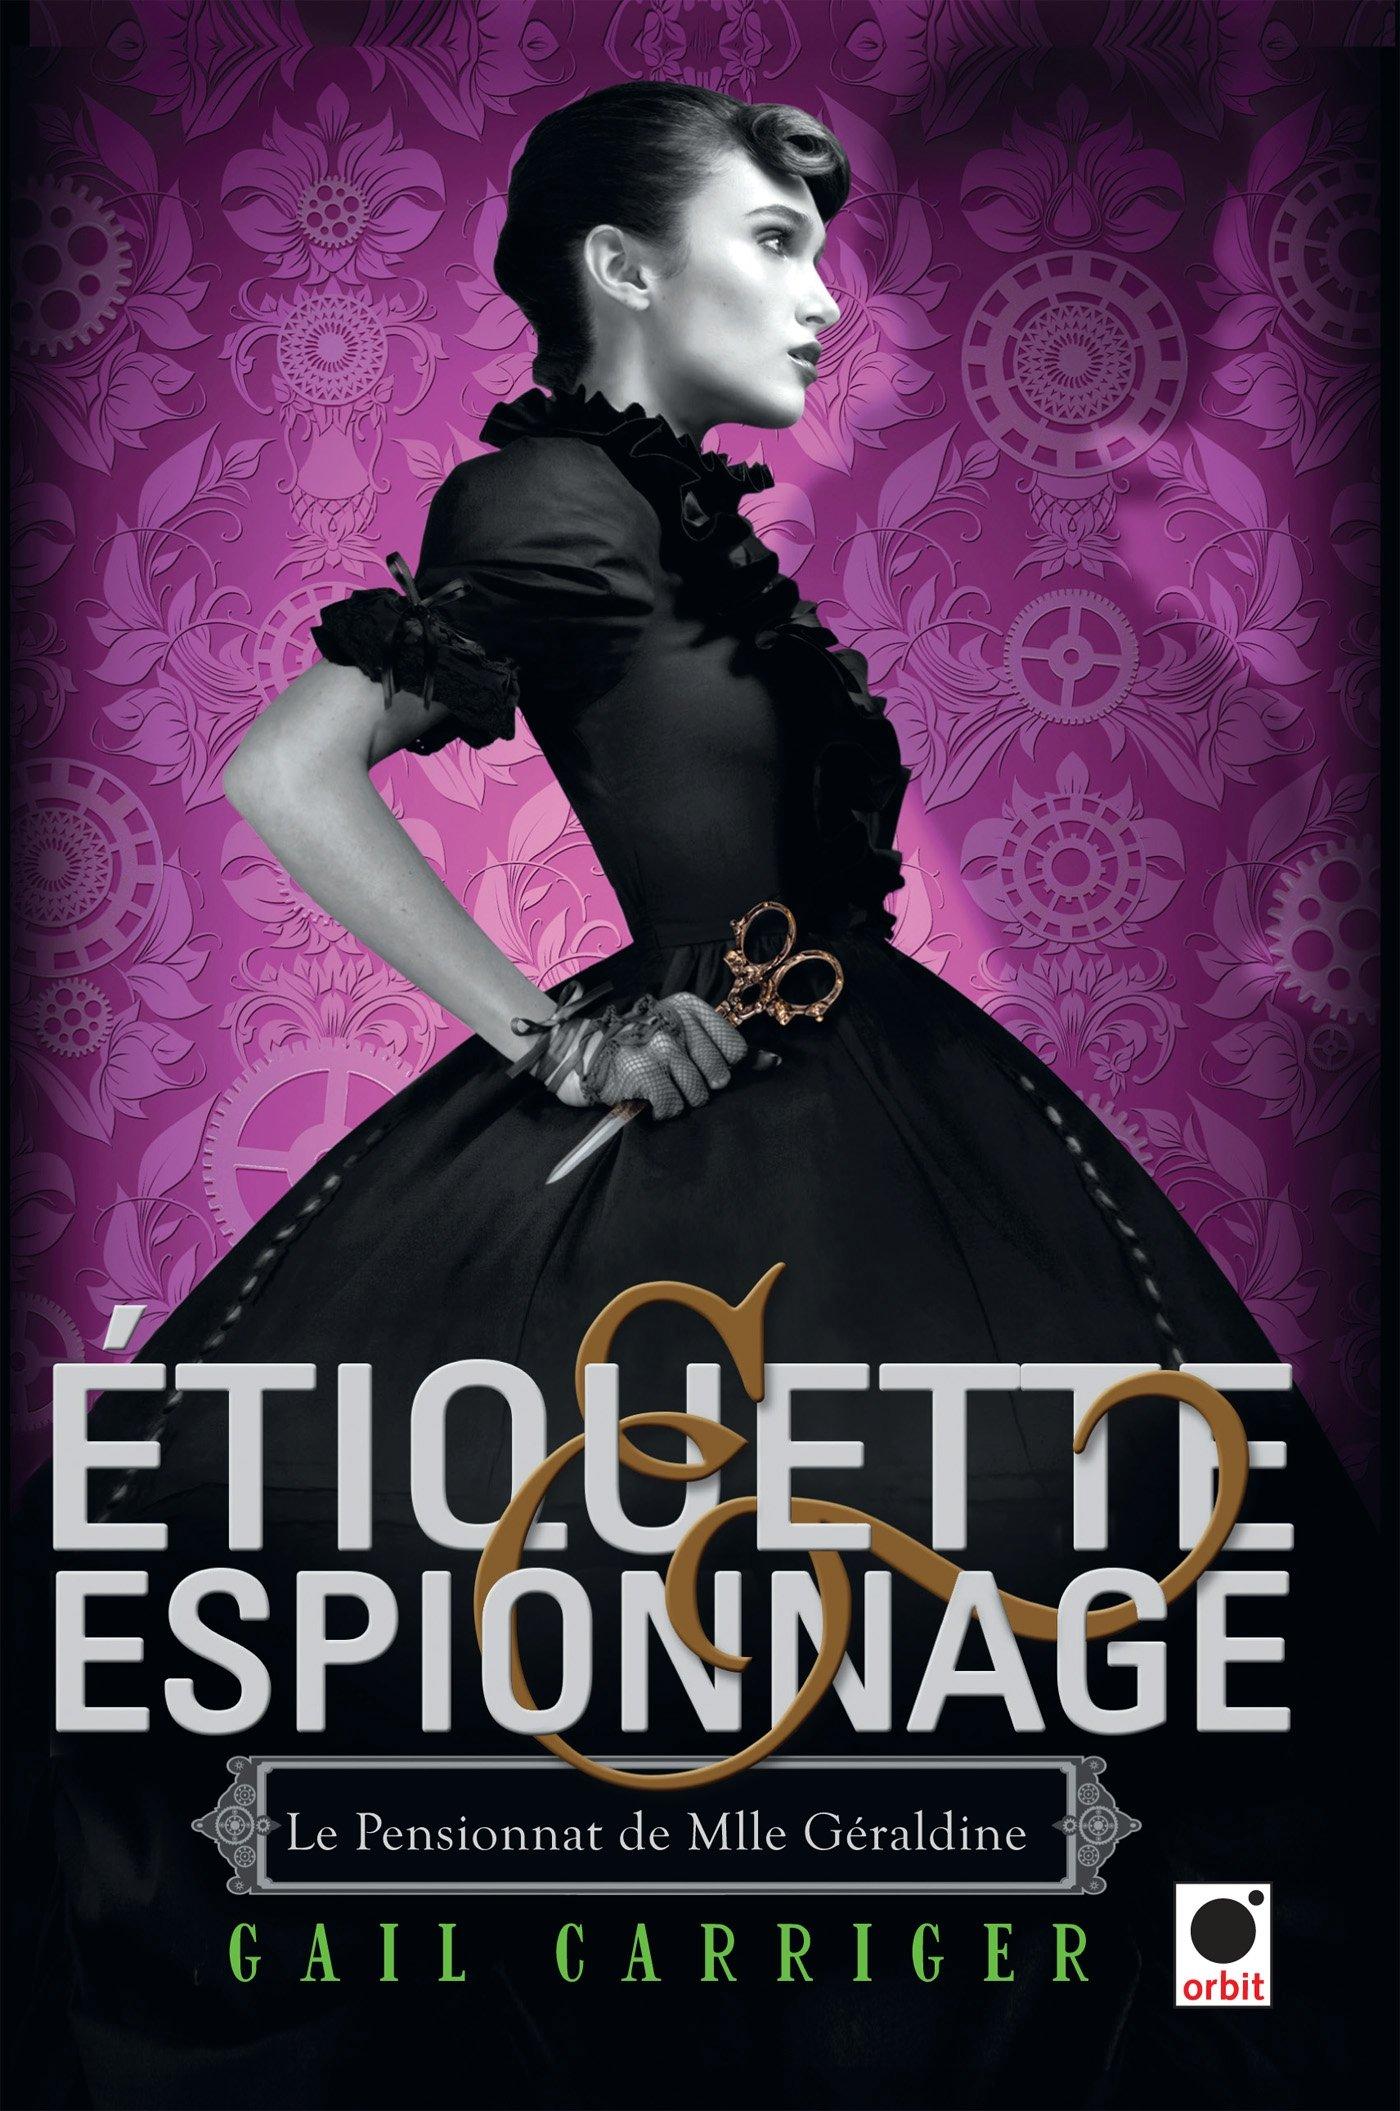 Etiquette & Espionnage - Le pensionnat de Mlle Géraldine - Gail Carriger